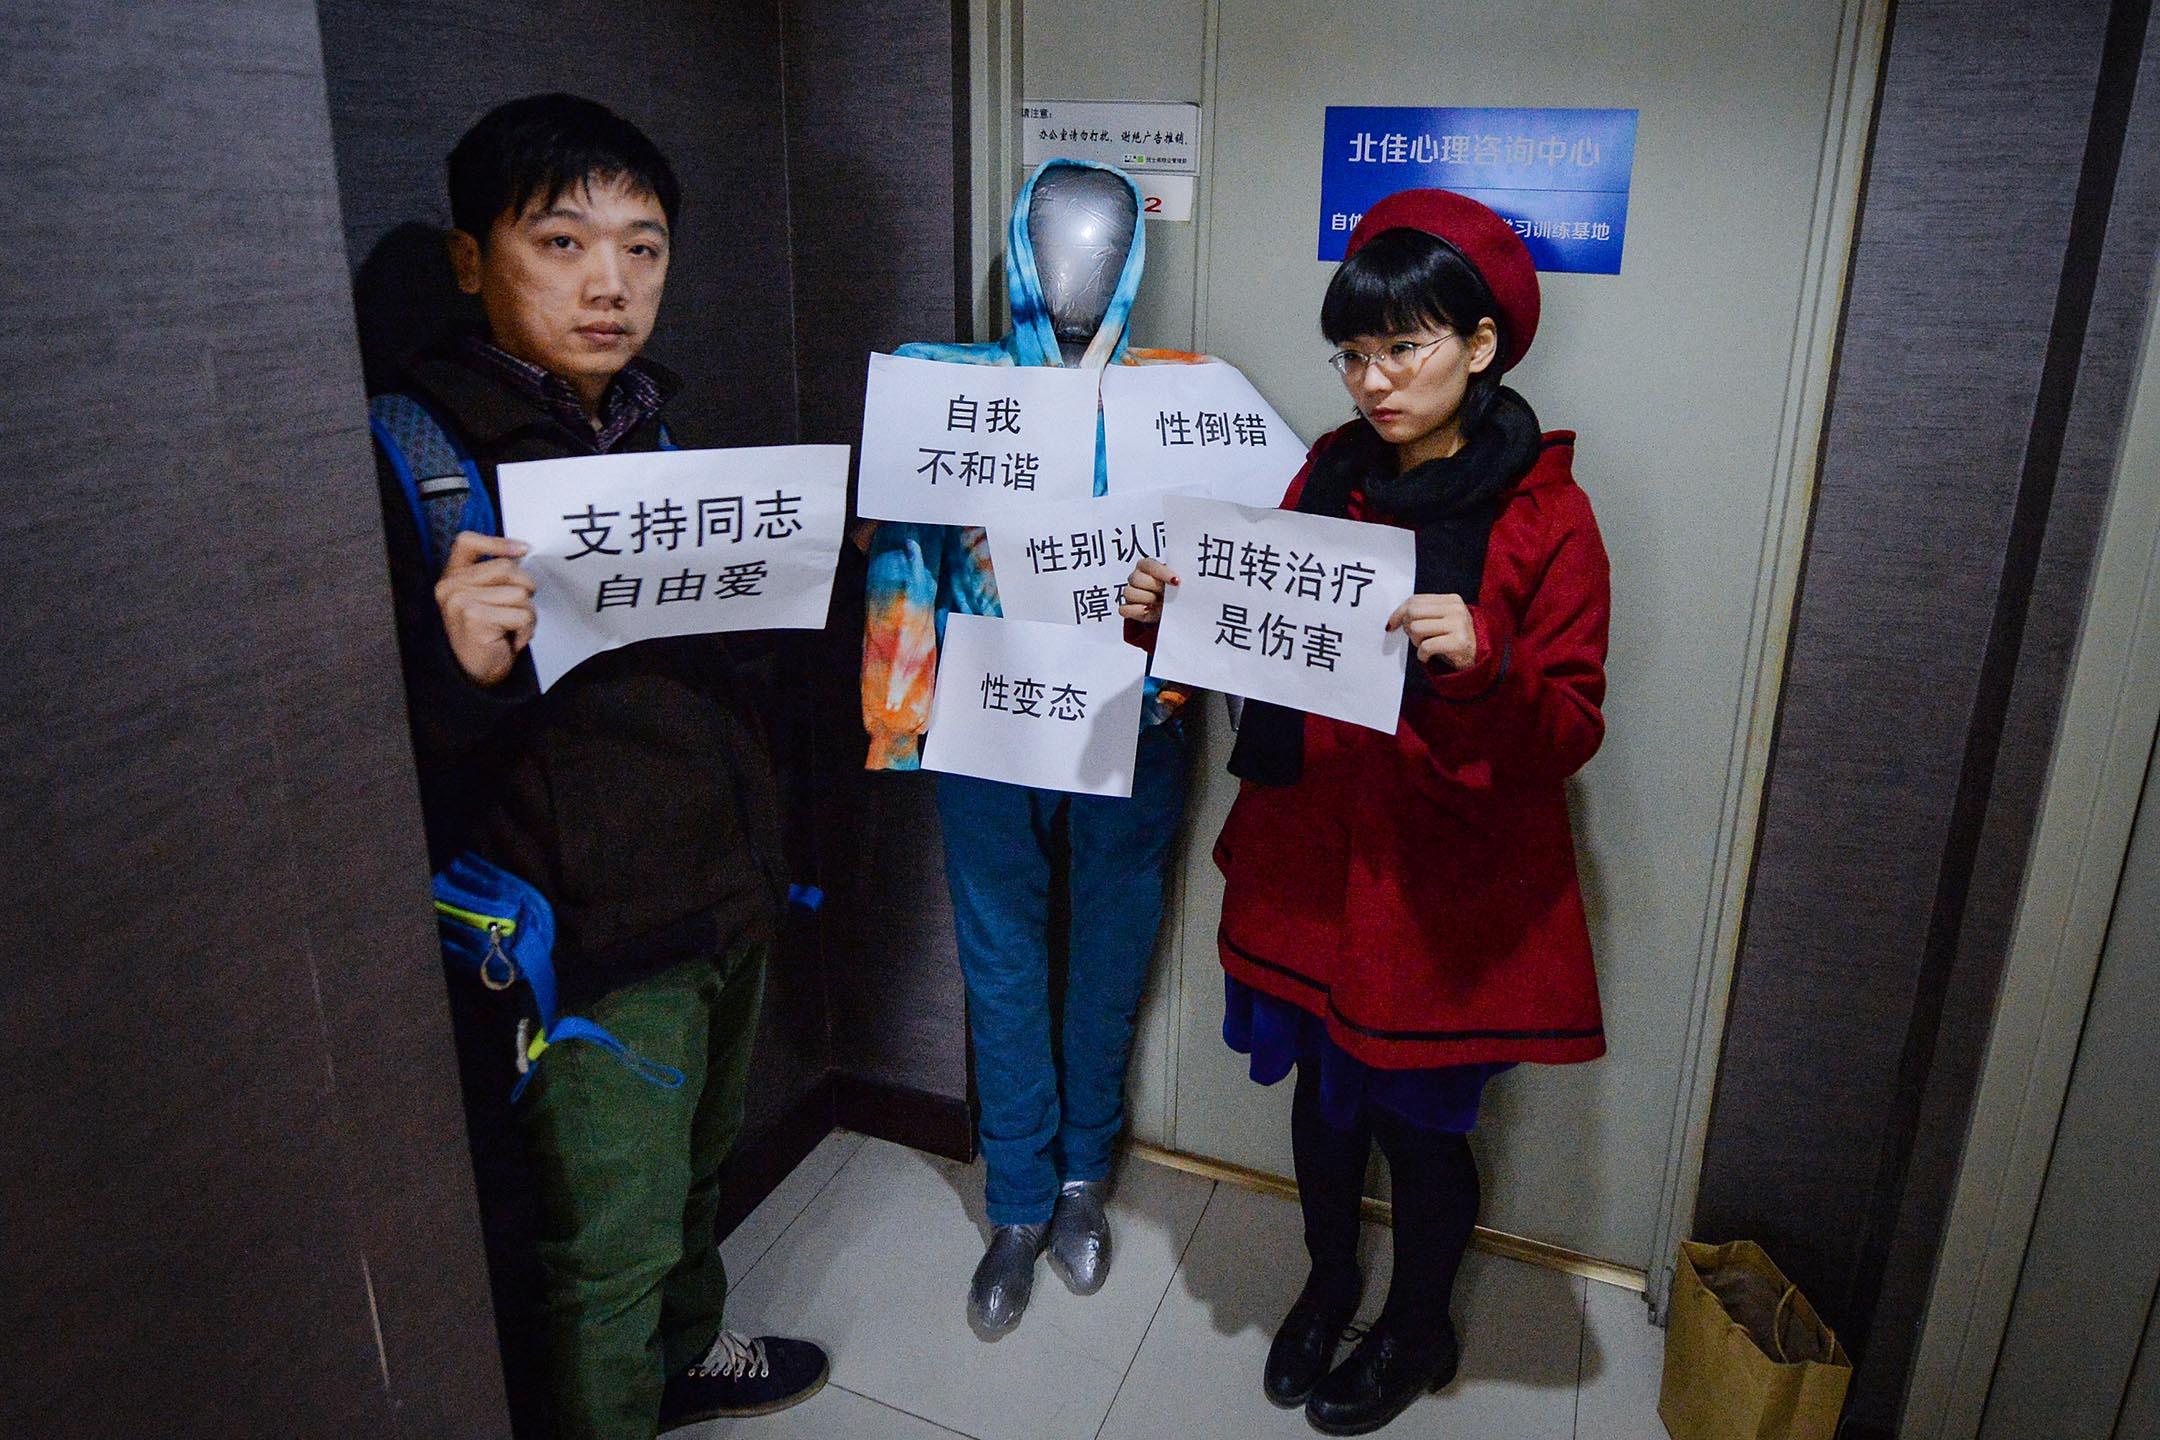 """2013年12月10日,同性戀權利組織LGBT Rights Advocacy China的負責人彭燕輝(左)在提供""""性重新定向""""服務的診所門外抗議。 攝:Mark Ralston/AFP via Getty Images"""